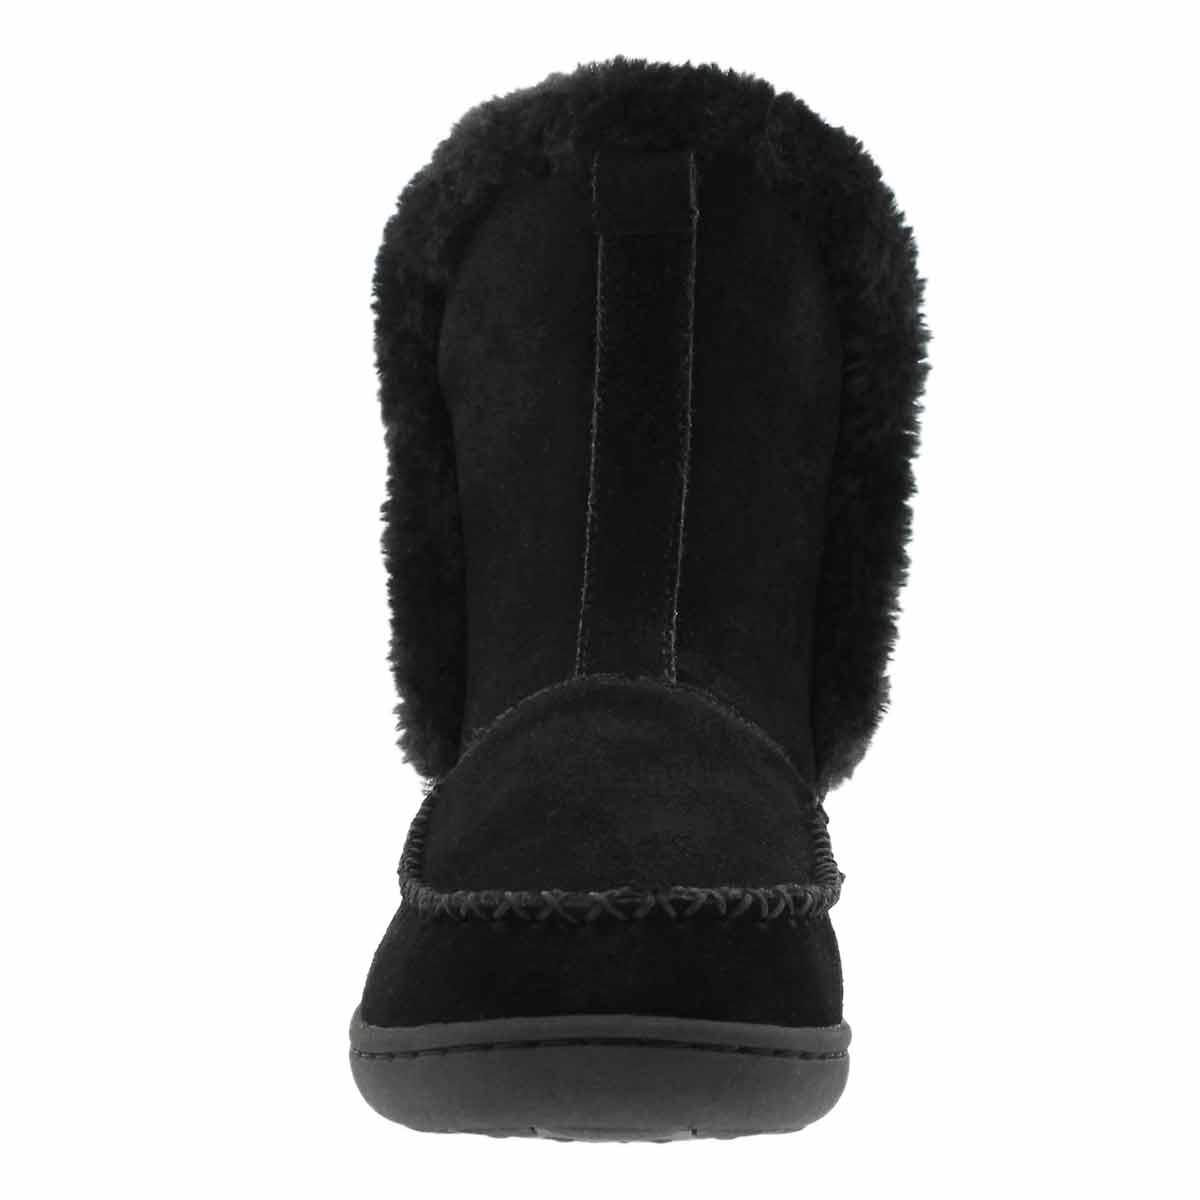 Lds Phoebe Hi blk suede slipper bootie